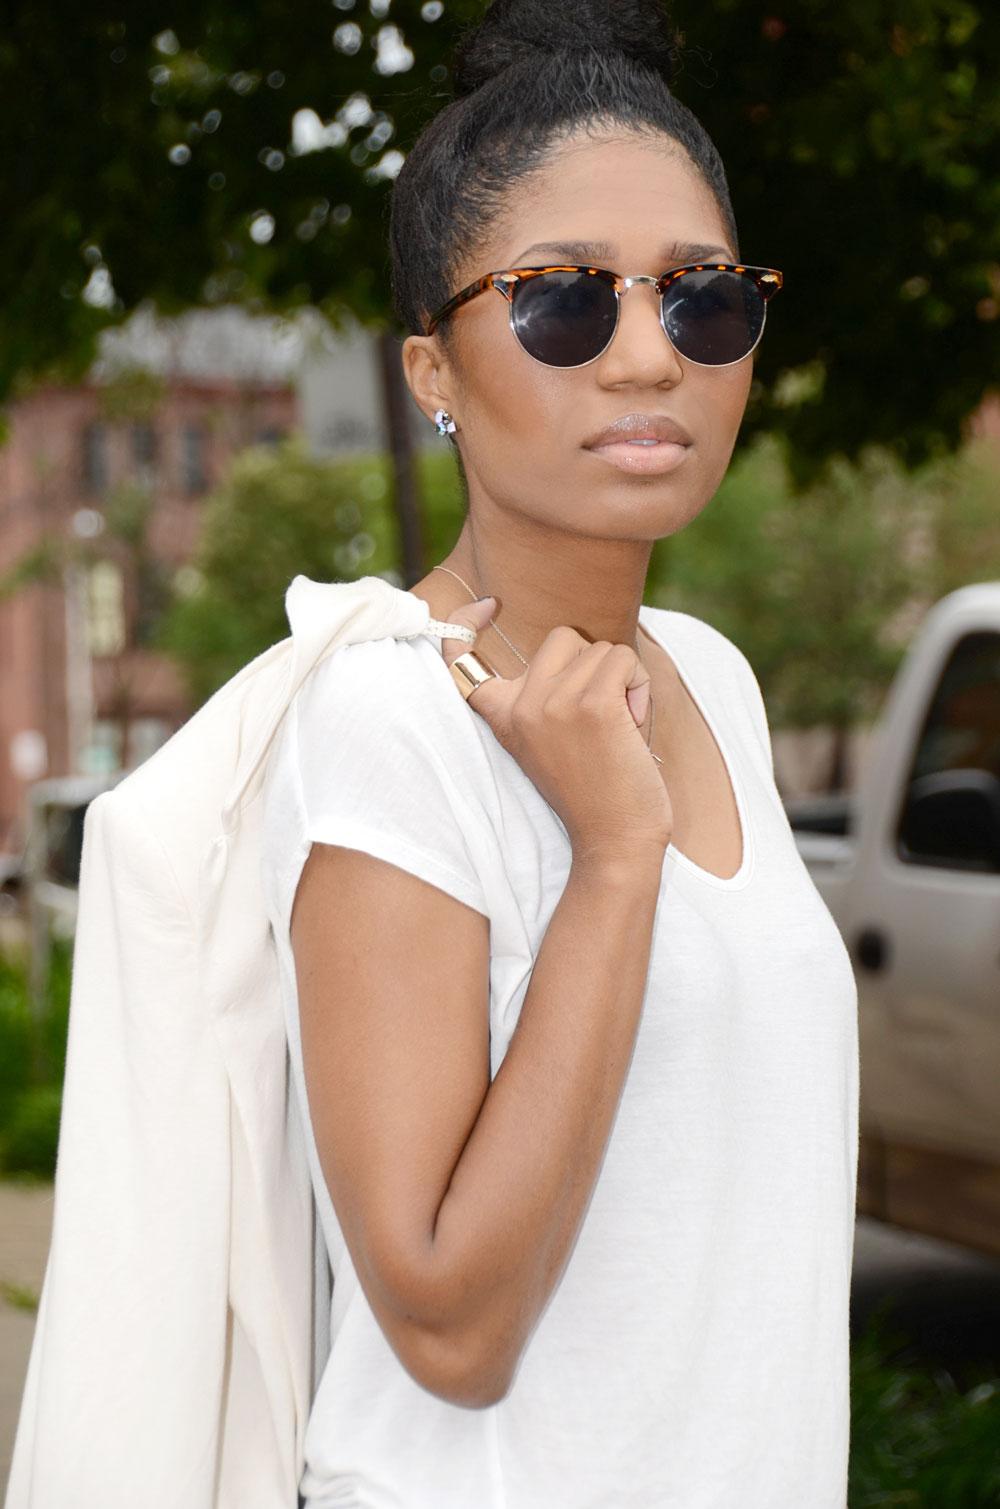 Baltimore Fashion Blog